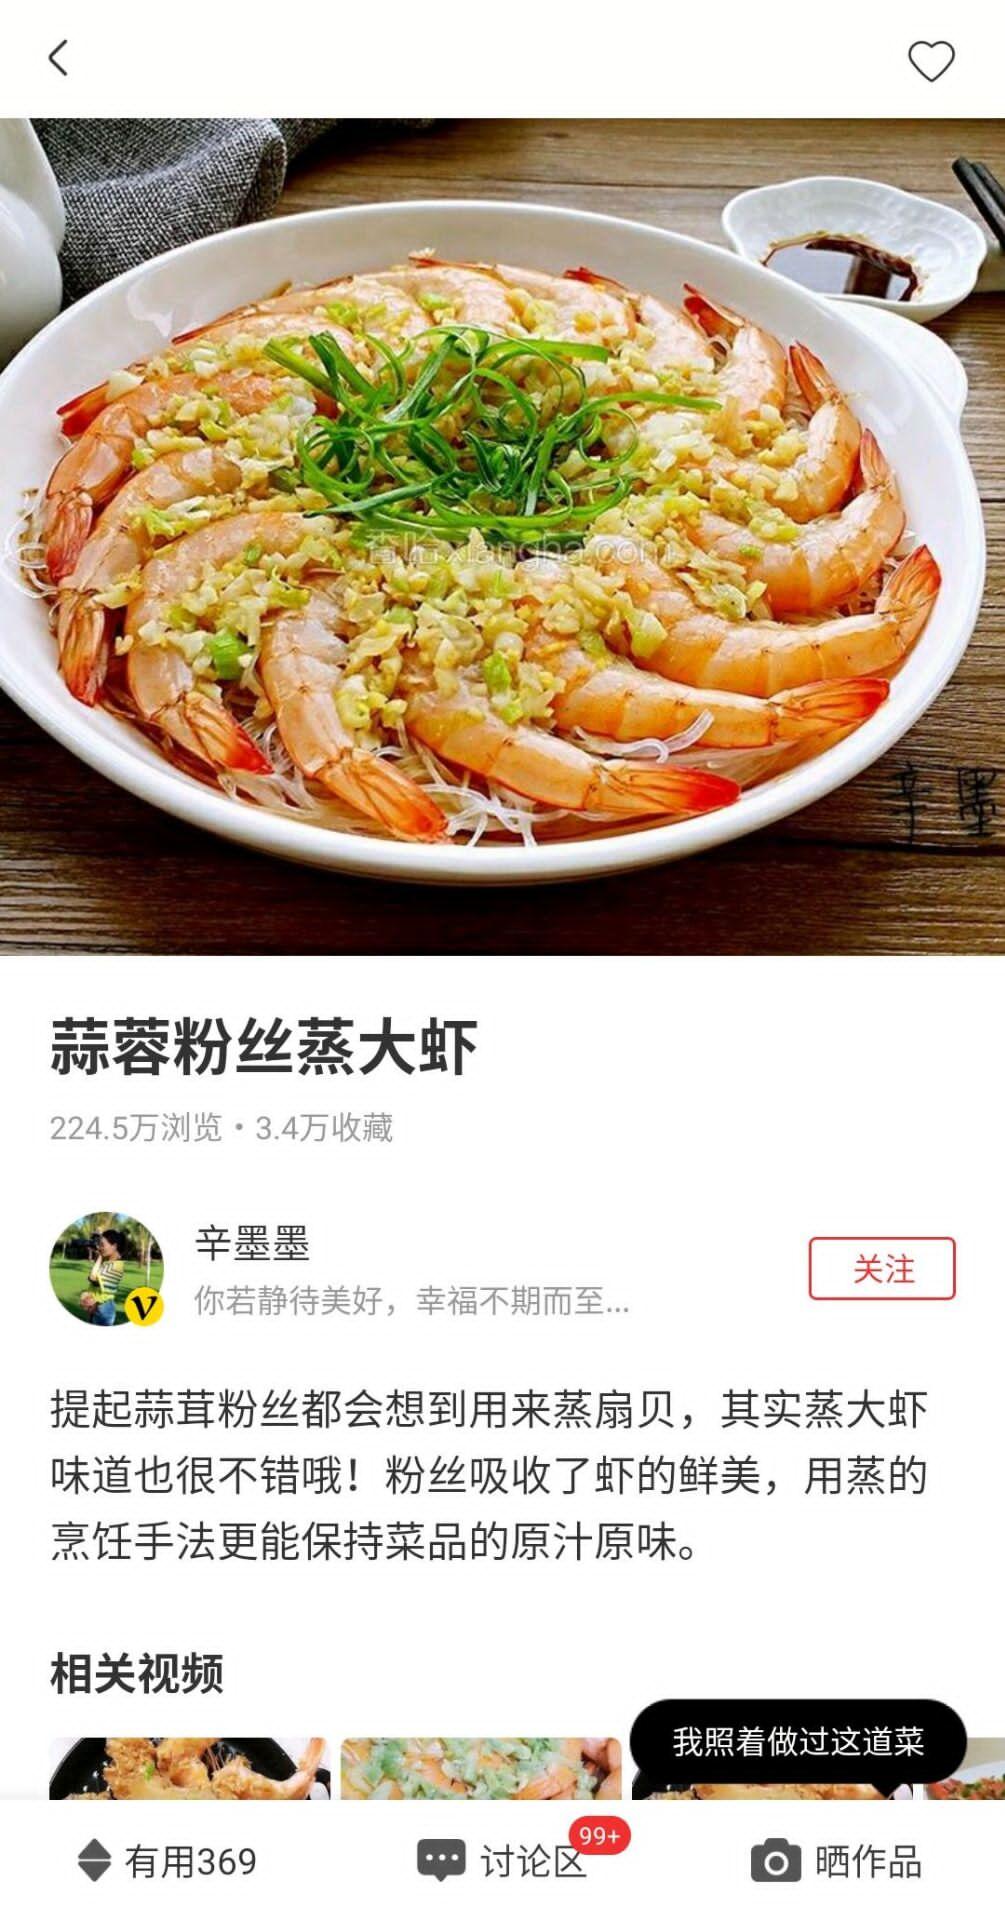 [分享]香哈菜谱破解版/绿色无广告-爱小助